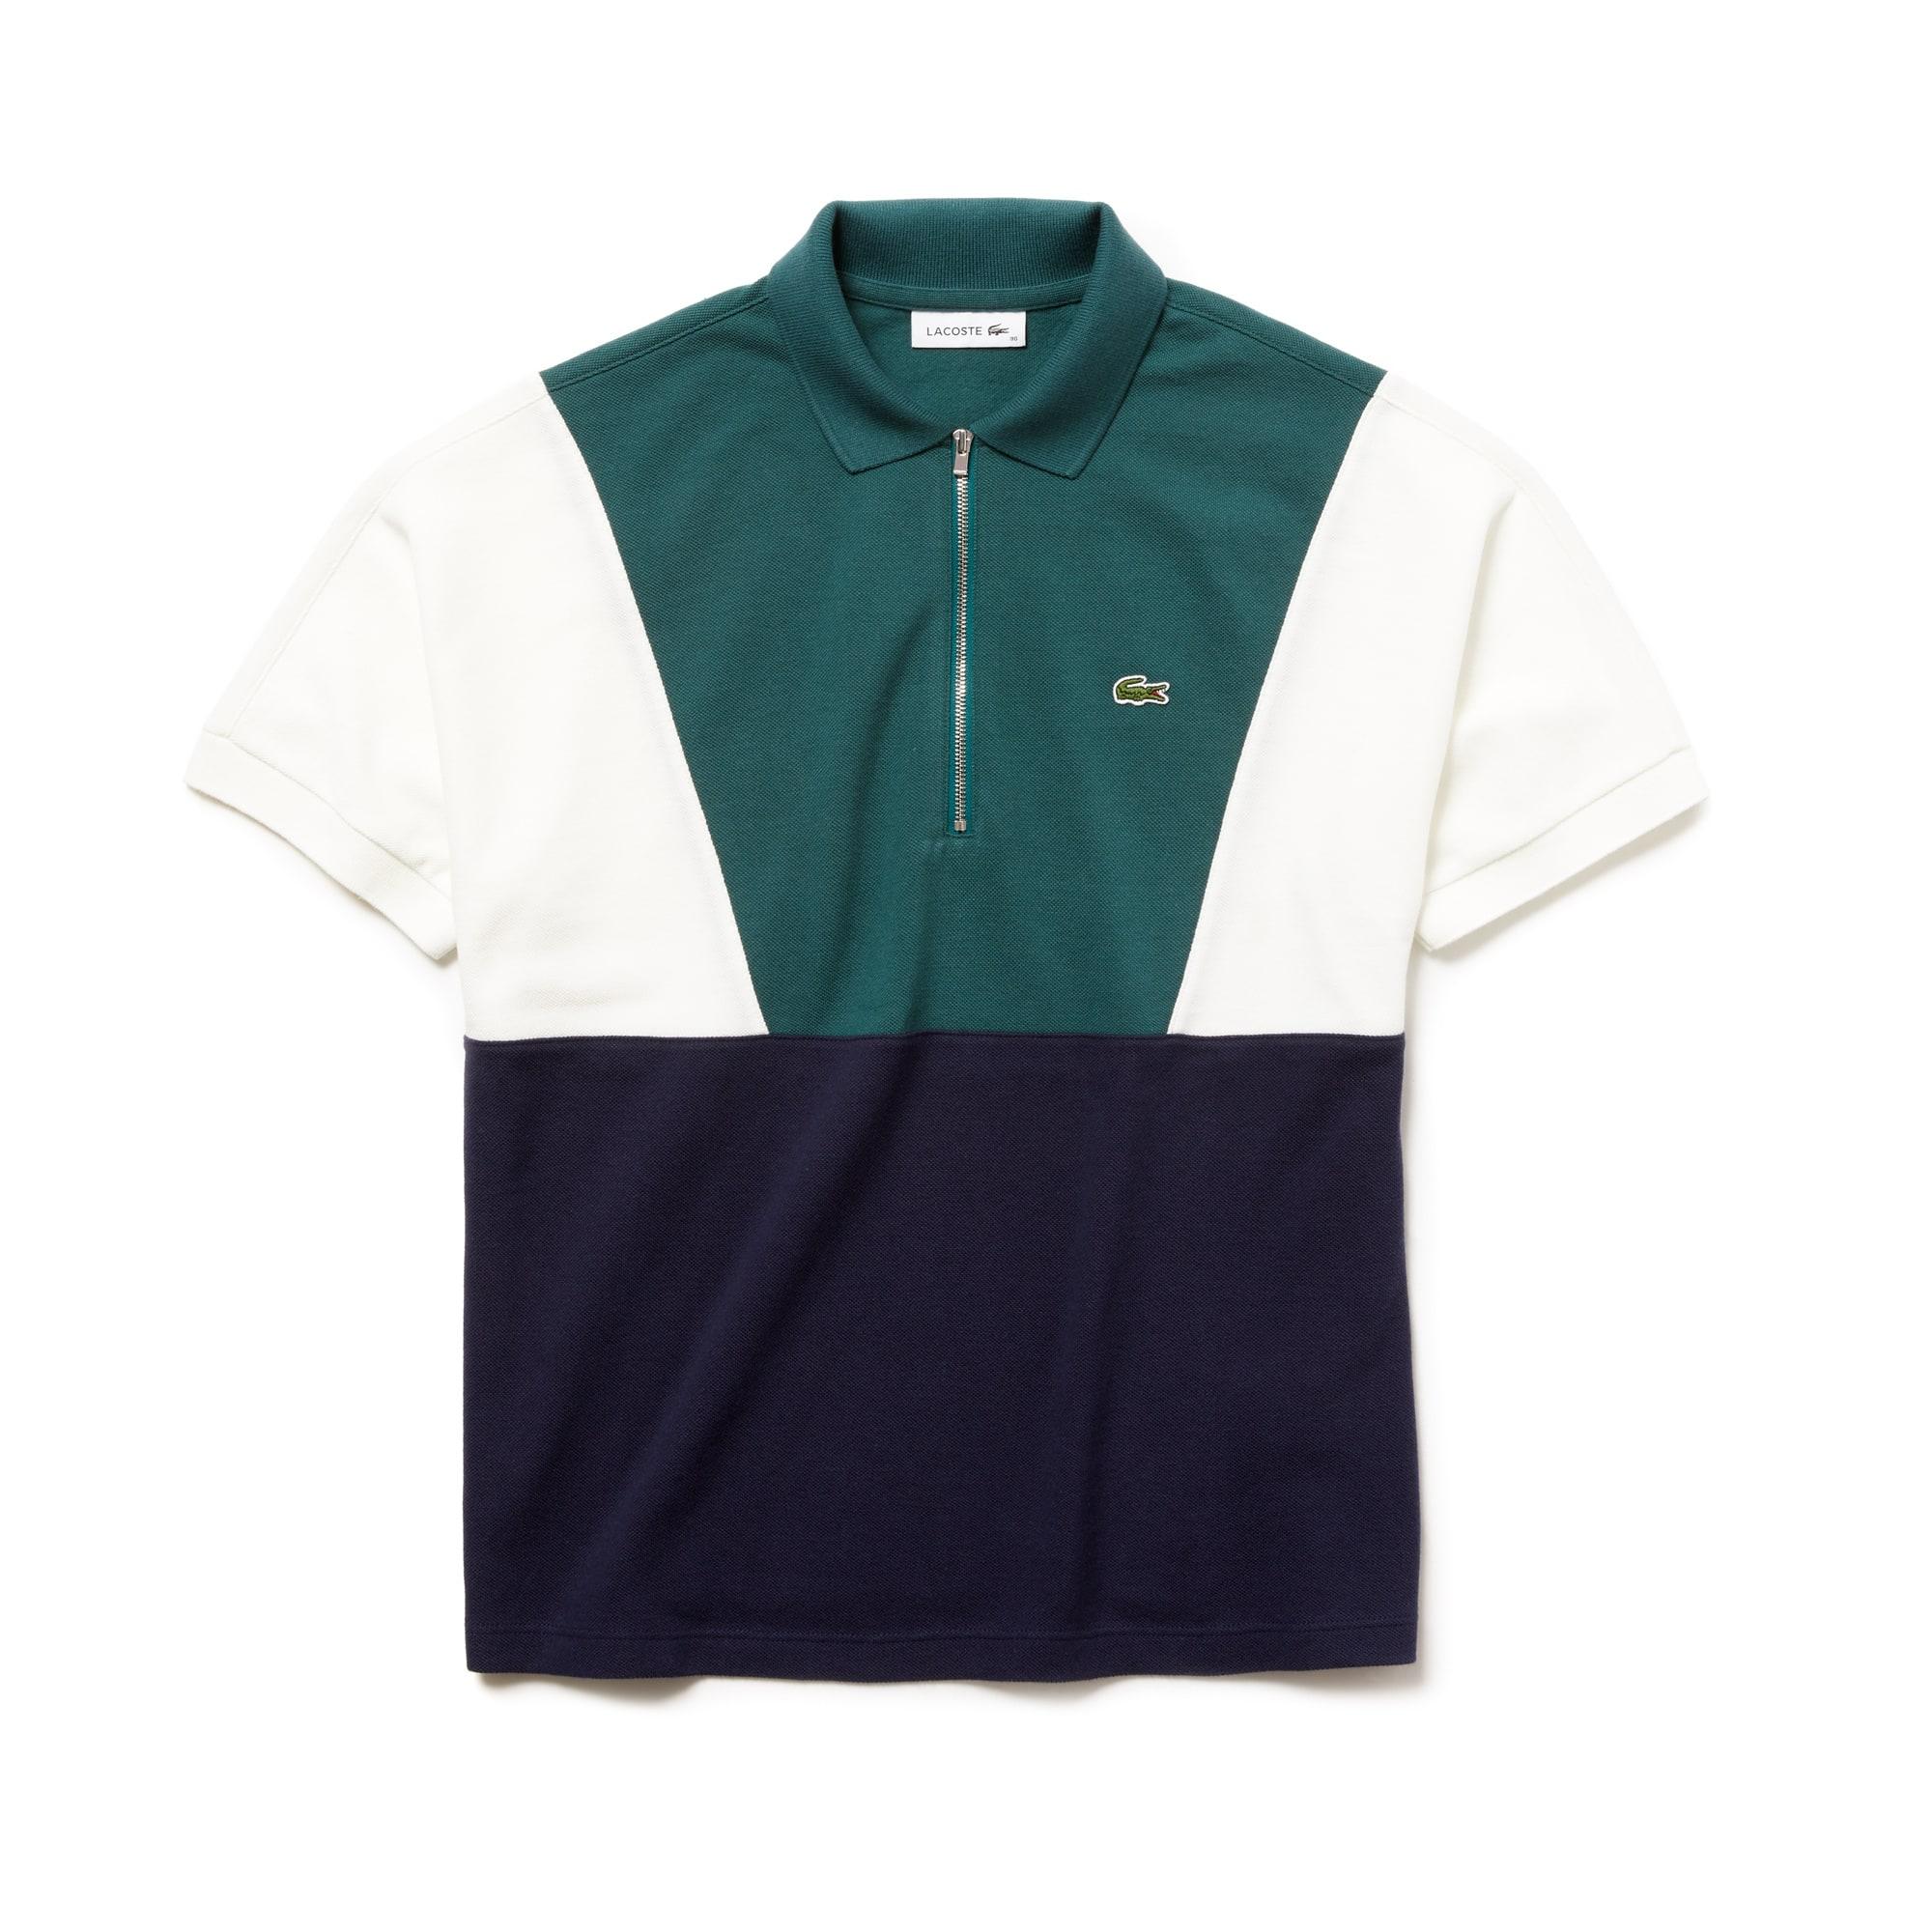 Damen LACOSTE Poloshirt aus Frottee-Piqué mit Colorblocks